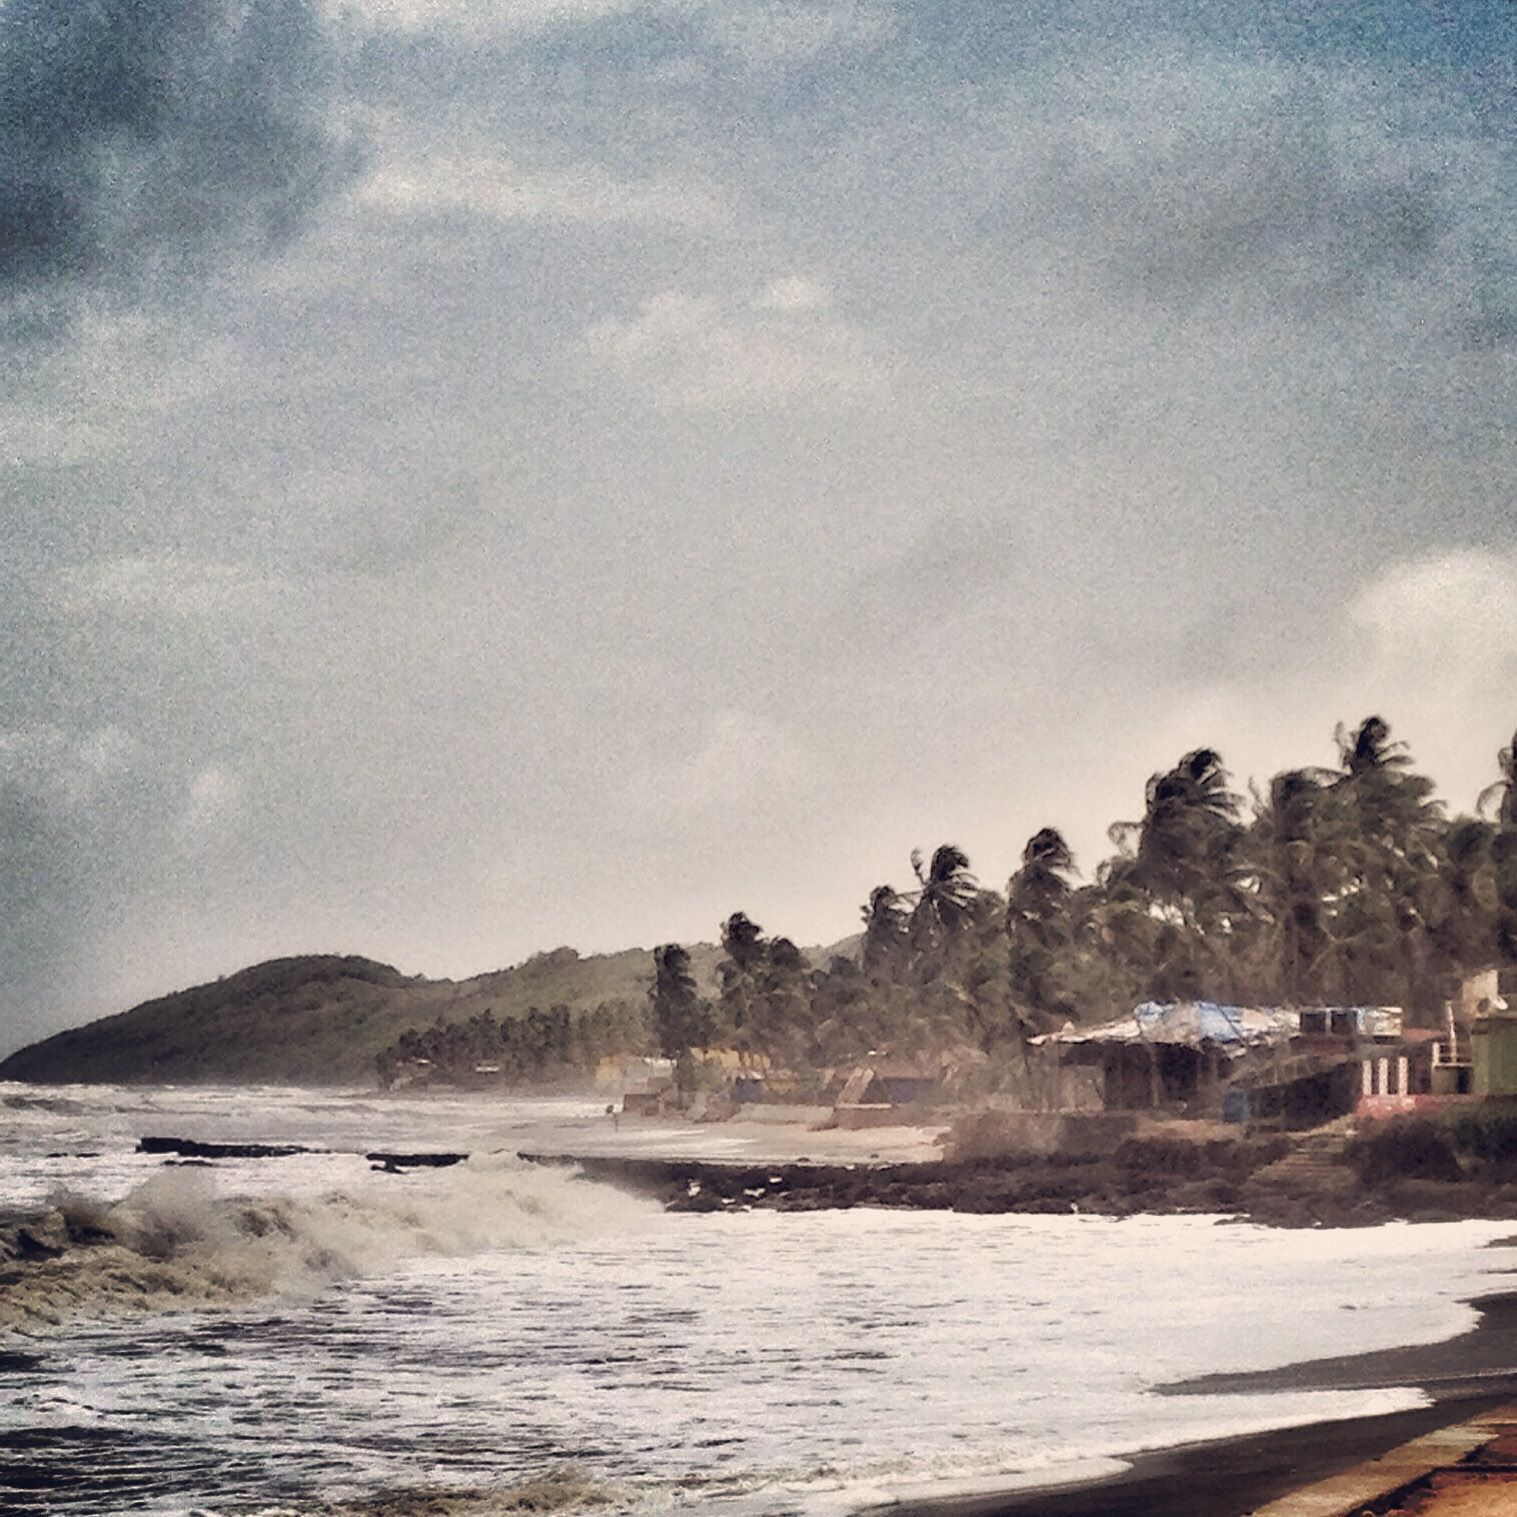 Storm over Goa